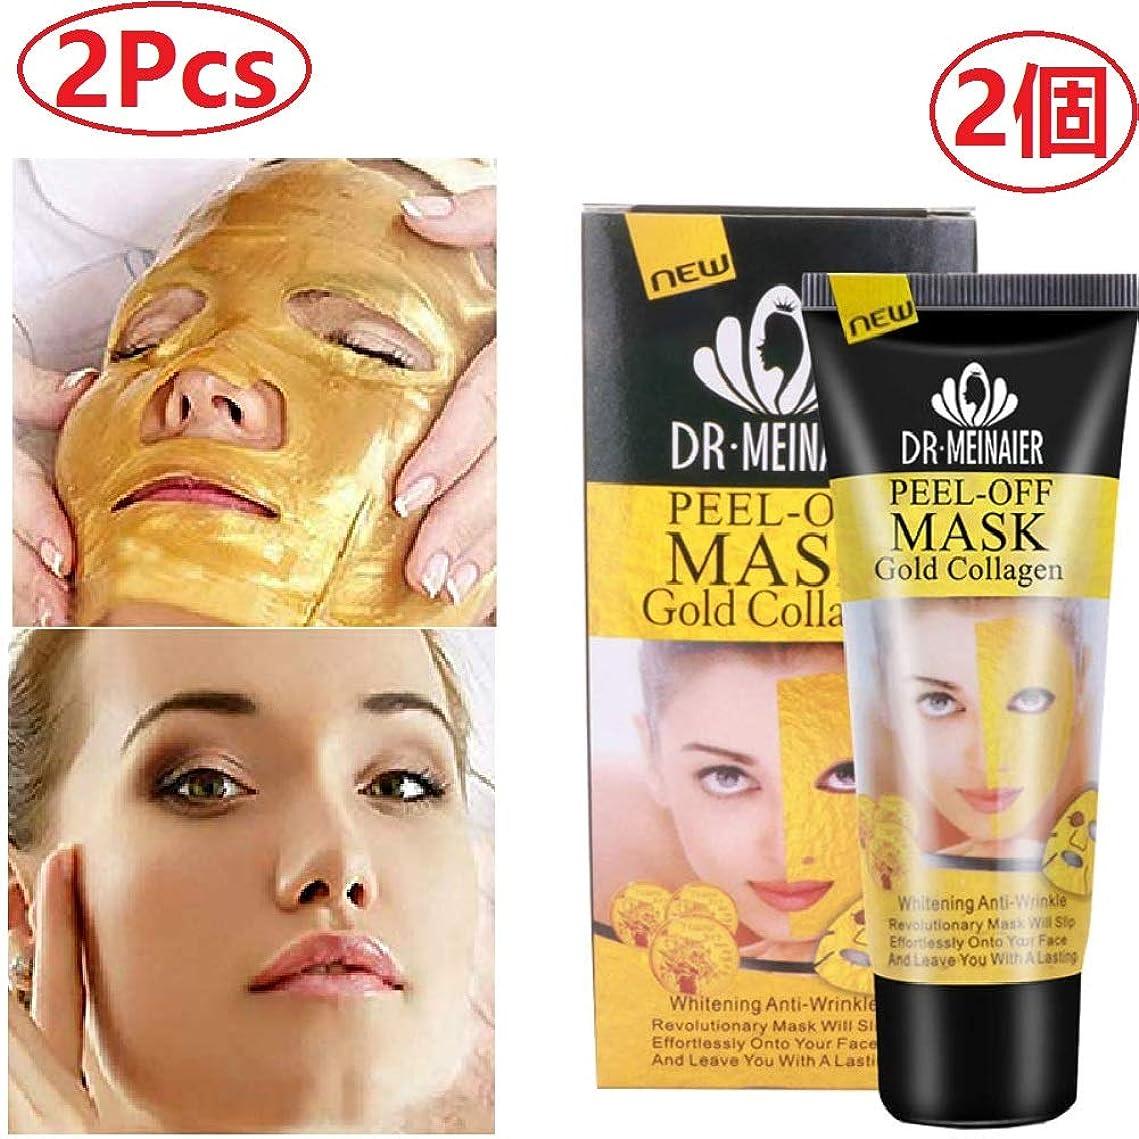 炎上破滅ベル(2個) 24Kゴールドコラーゲンフェイシャルマスク、スキンホワイトニング 抗しわ、フェイスリフティングファーミングビューティーマスク、フェイススキンケア引き締めモイスチャライジングジェル、 肌の若返り24K Gold Collagen Peel Off Facial Mask, Skin Whitening Lifting Tightening Moisturizing Gel (2Pcs)